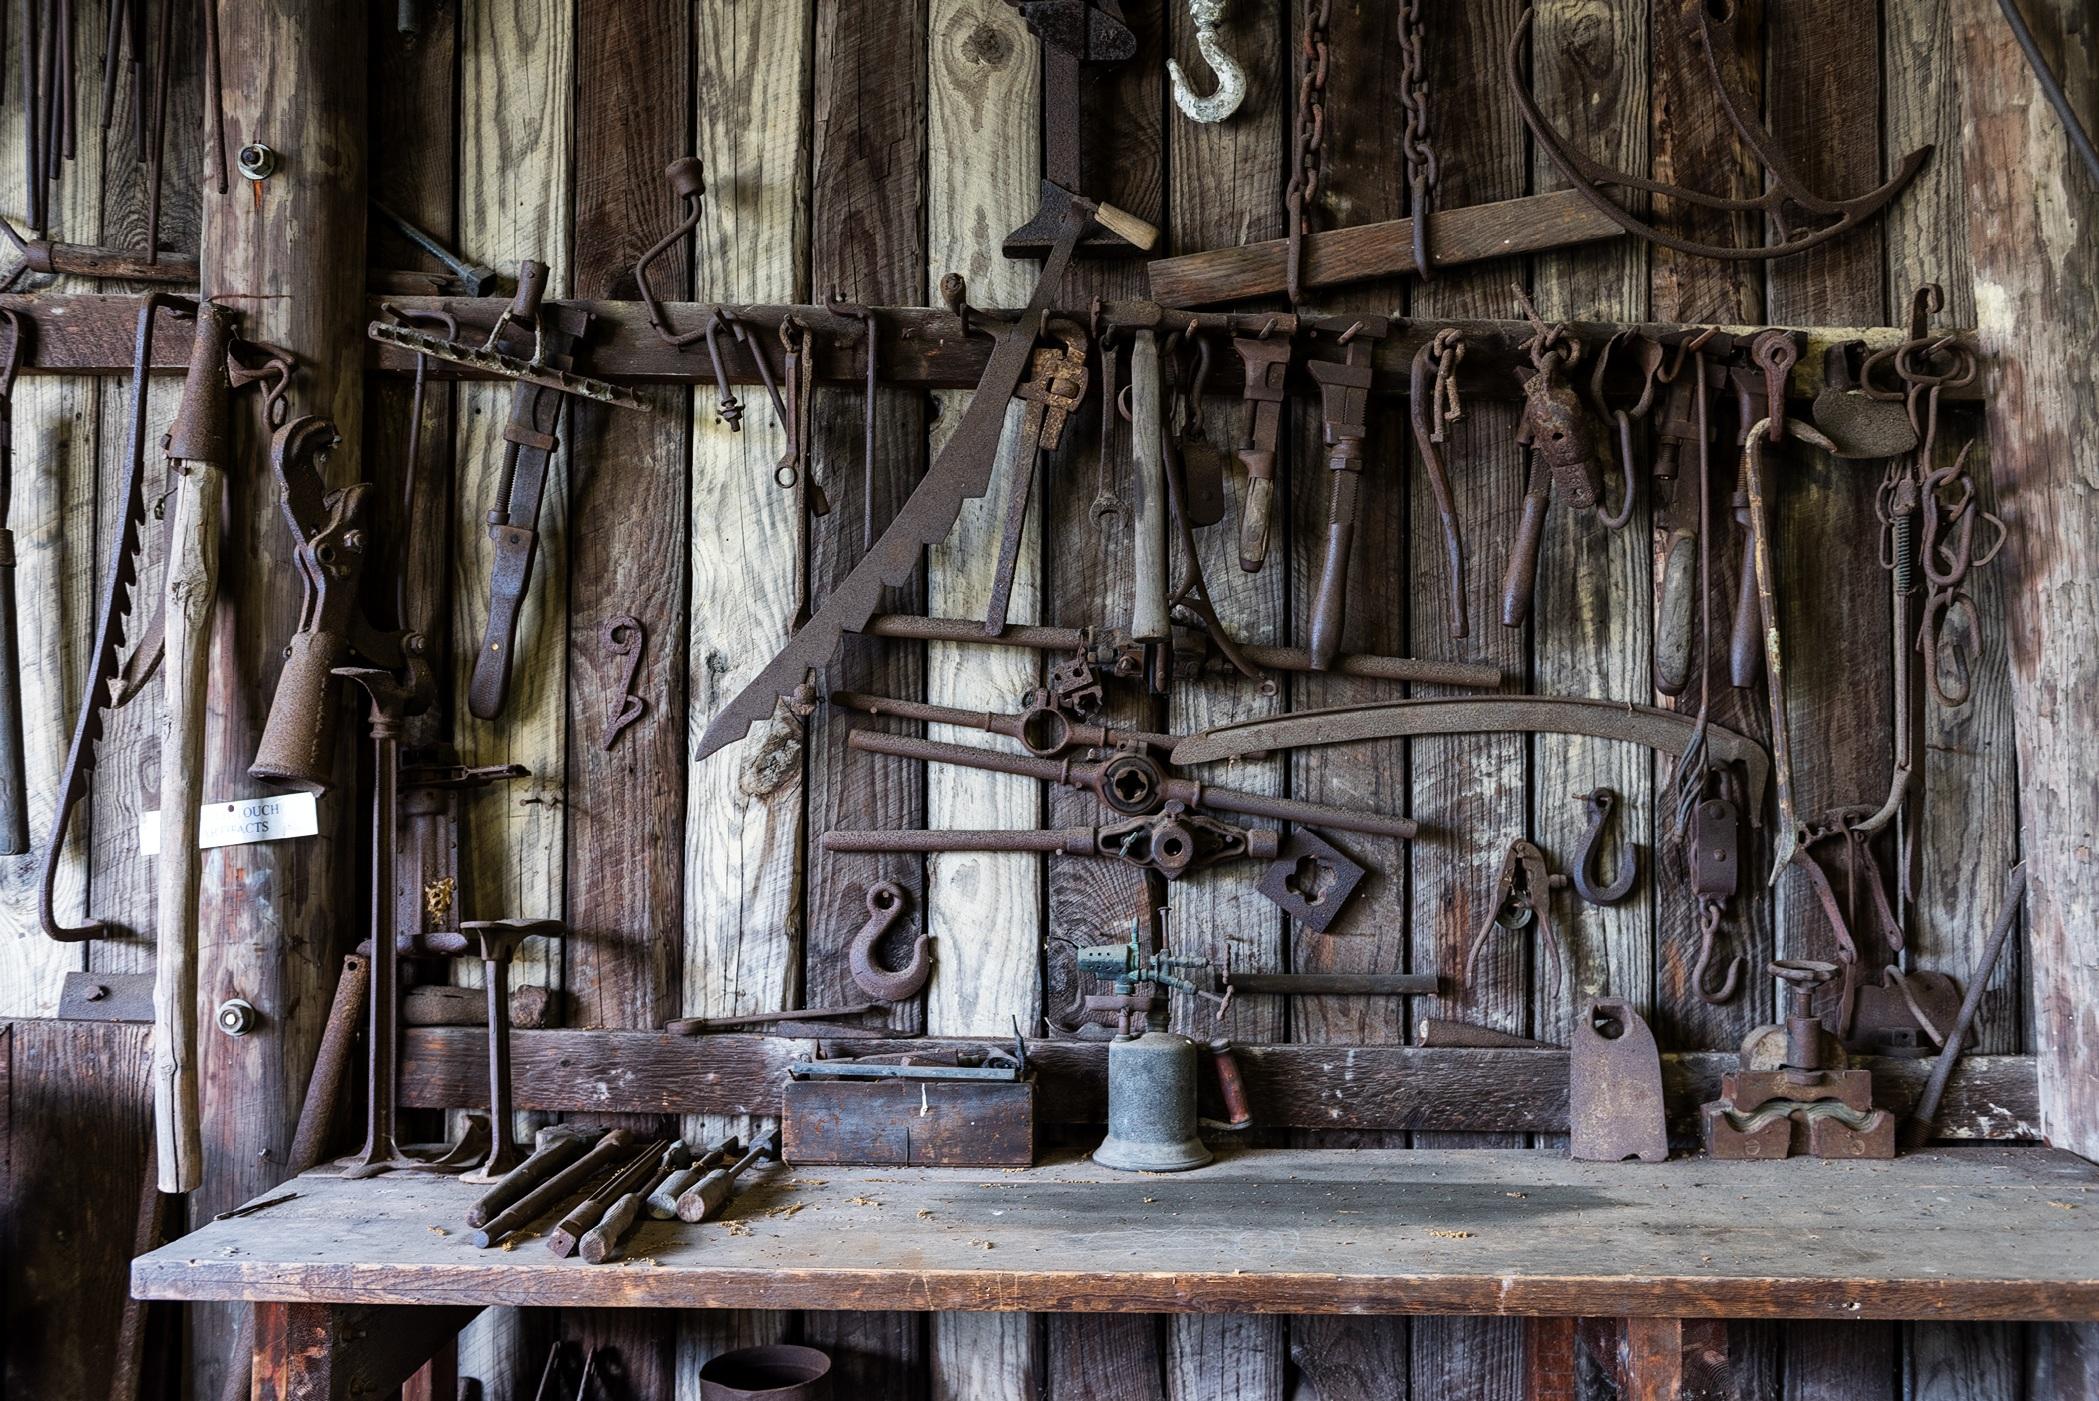 images/tools-blacksmith-tools-shop-rustic-162631.jpeg